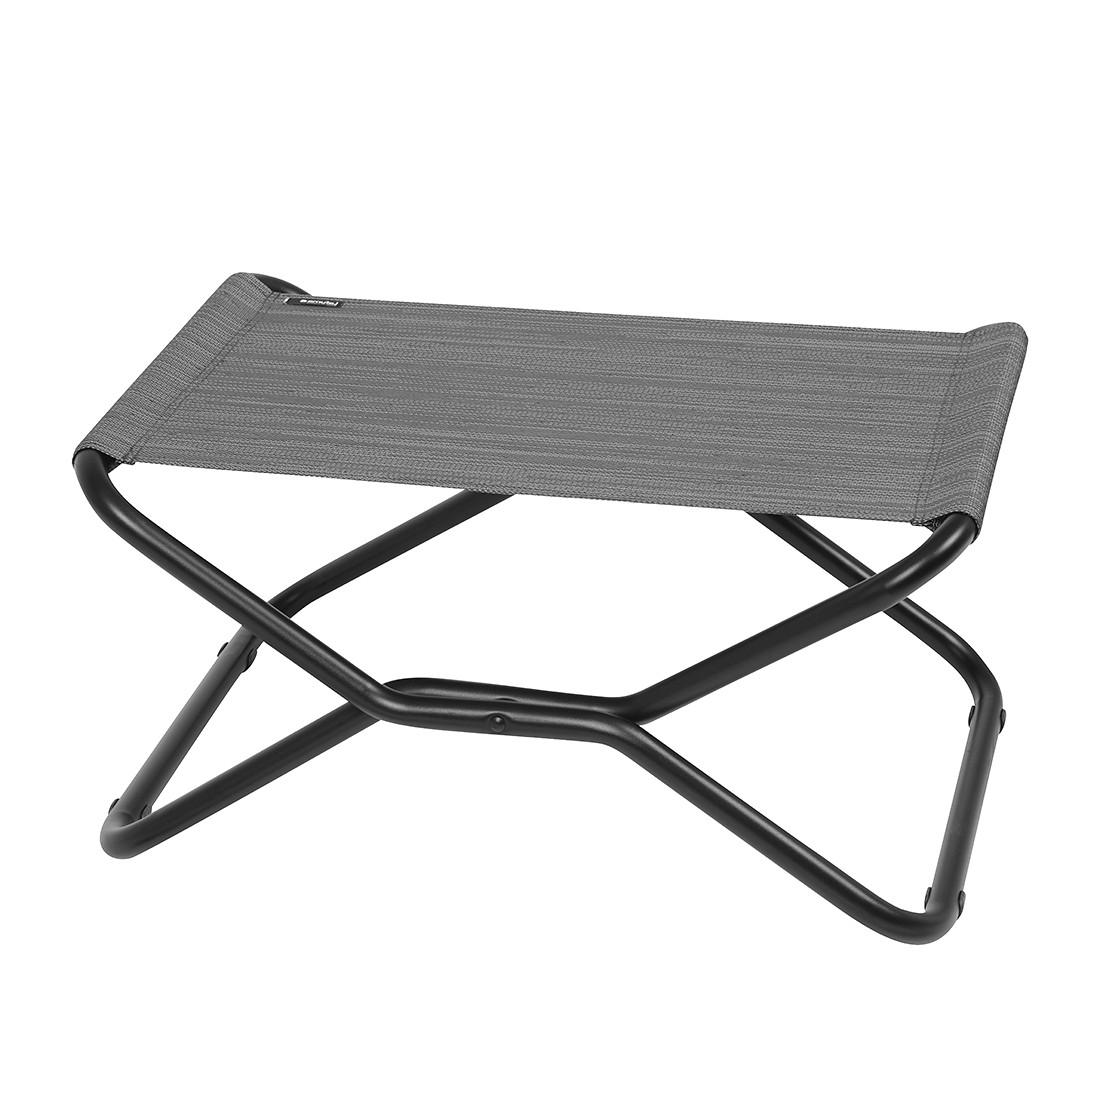 garderobenpaneel tro metall wei magazin m bel tipps vom einrichter. Black Bedroom Furniture Sets. Home Design Ideas